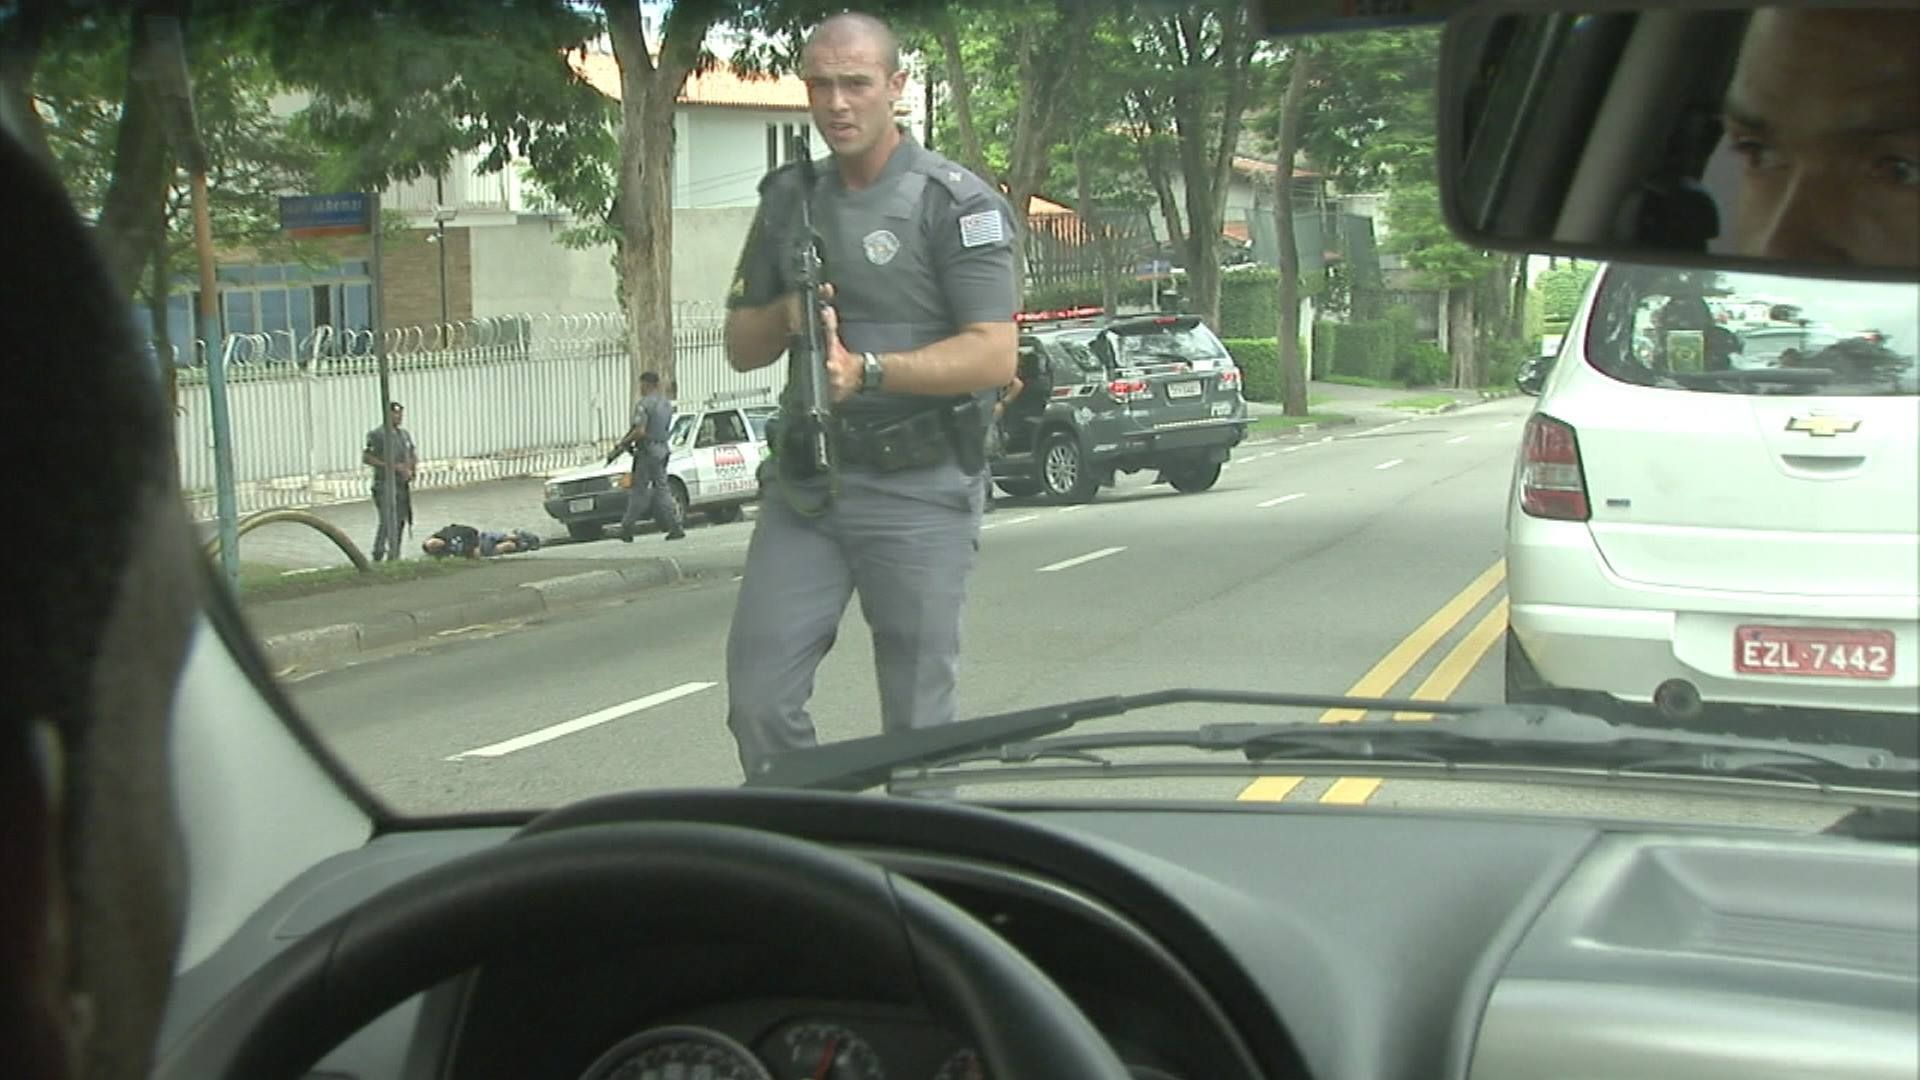 Assaltantes estariam com um fuzil, segundo a polícia / Reprodução